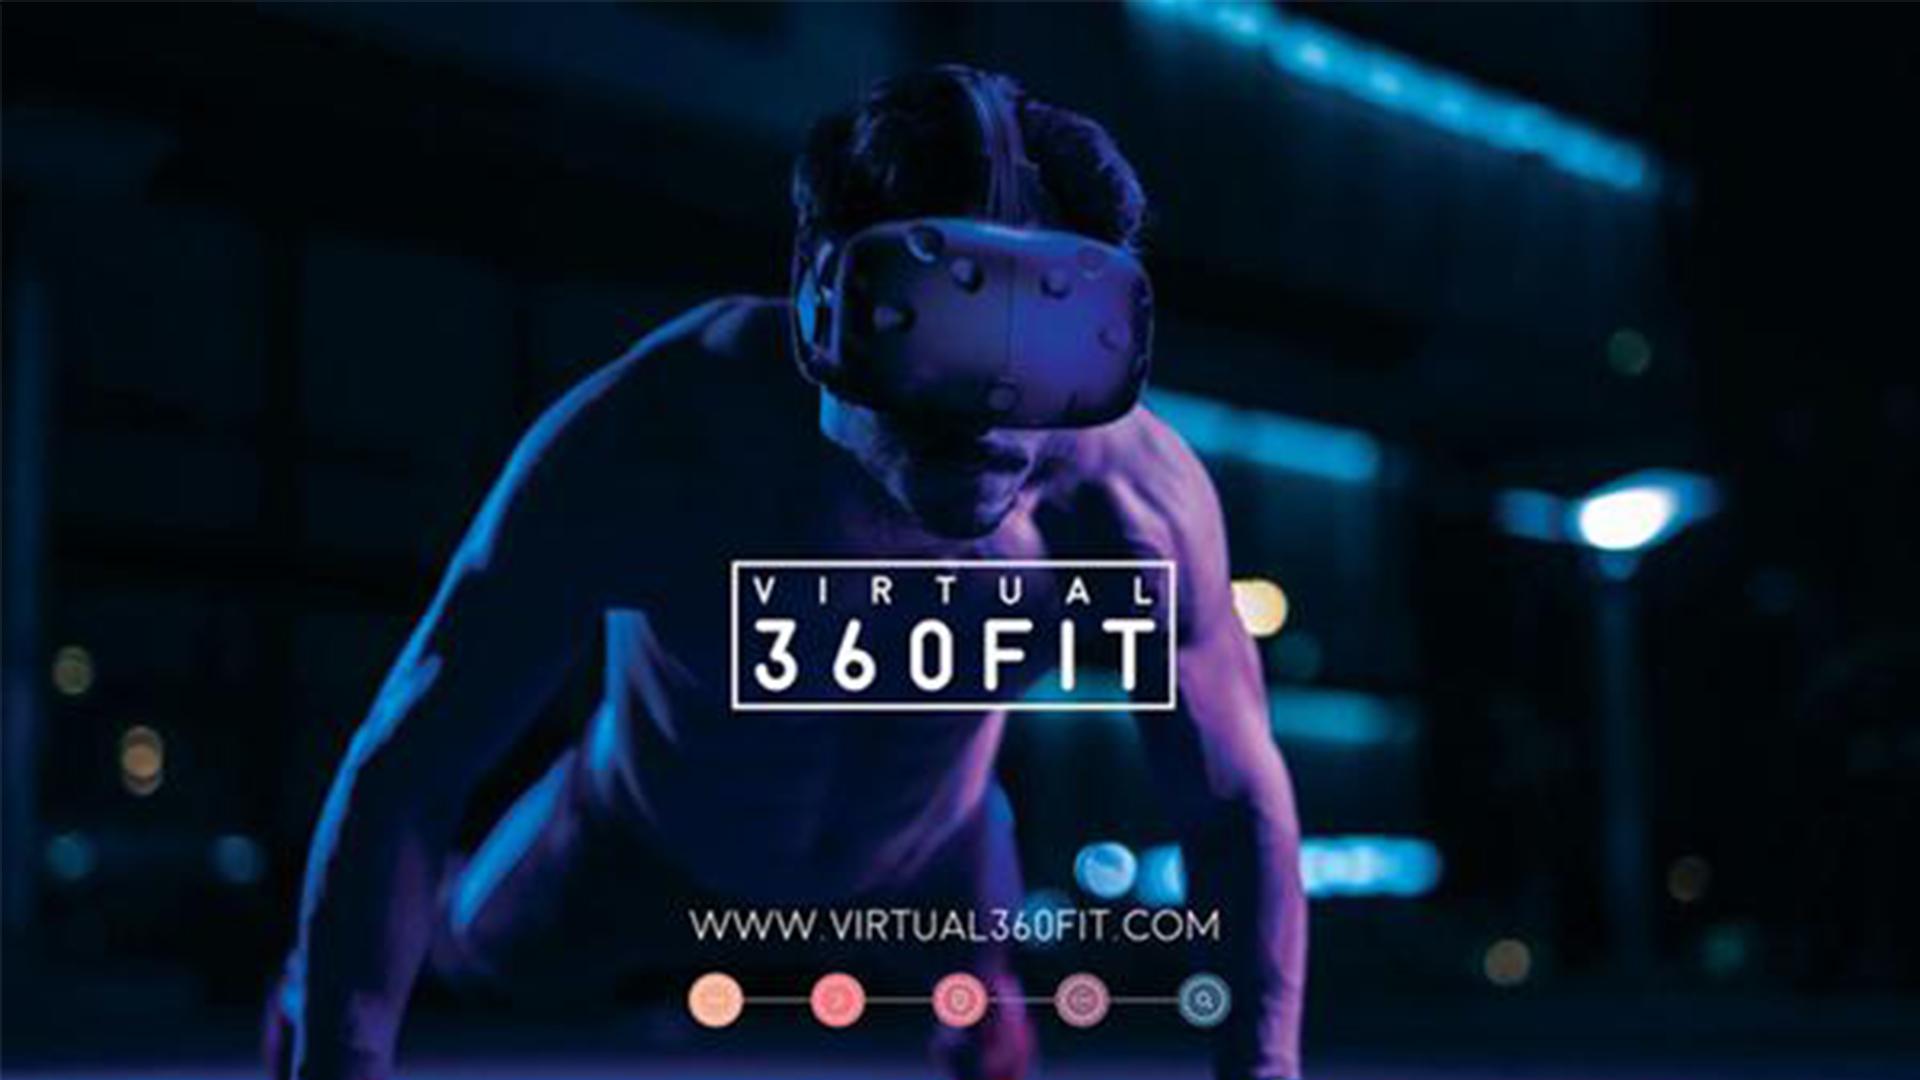 【智能界大百科】Virtual 360 Fit:专为健身而生的VR运动系统